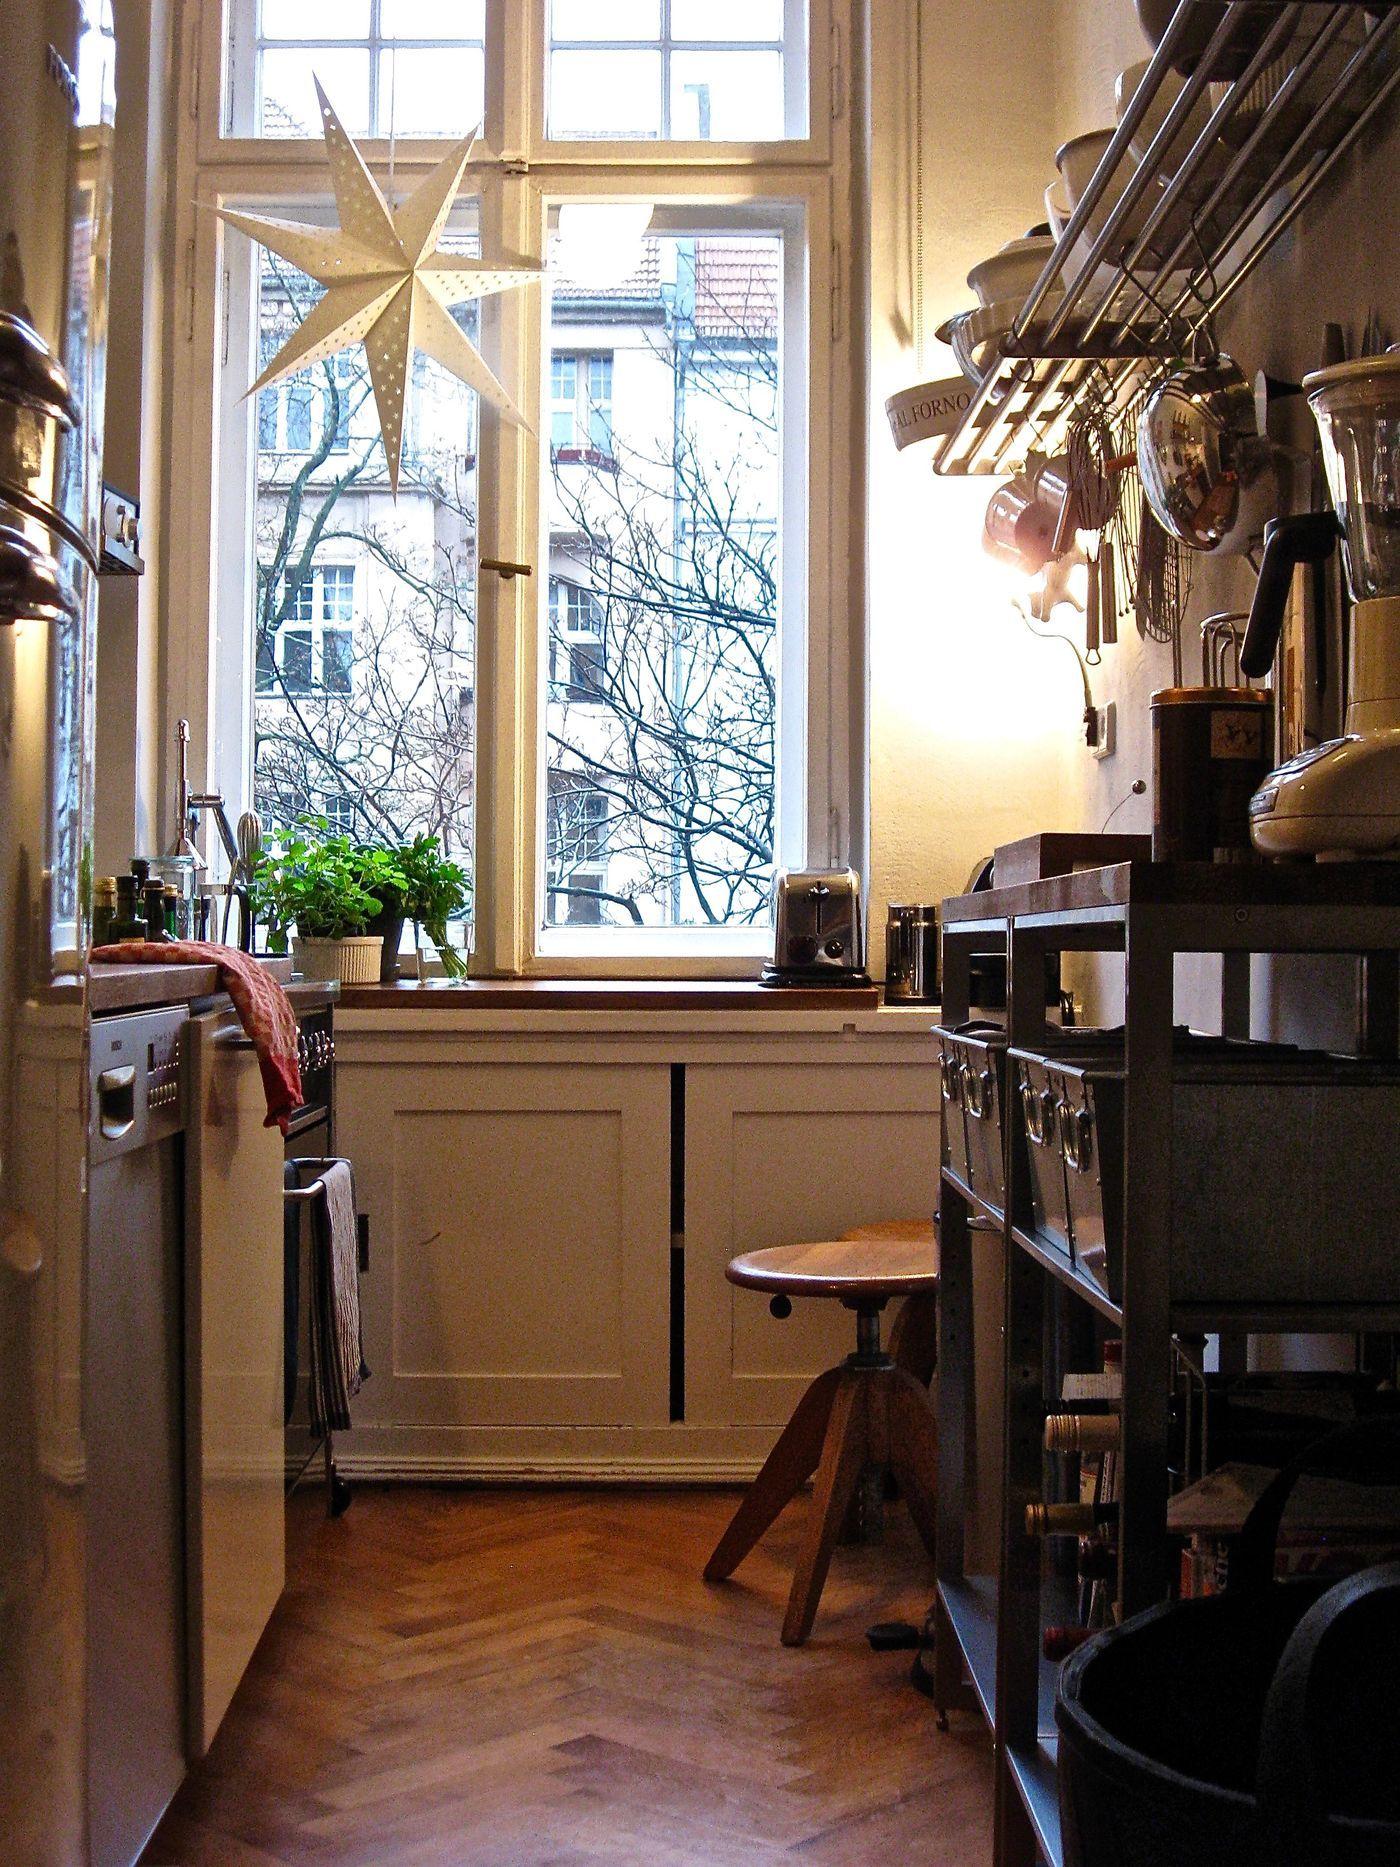 Full Size of Kleine Kchen Singlekchen Einrichten Landhausküche Weiß Eckküche Mit Elektrogeräten Bank Küche Gebraucht Blende Fliesenspiegel Glas Grau Hochglanz Wohnzimmer Küche Einrichten Ideen